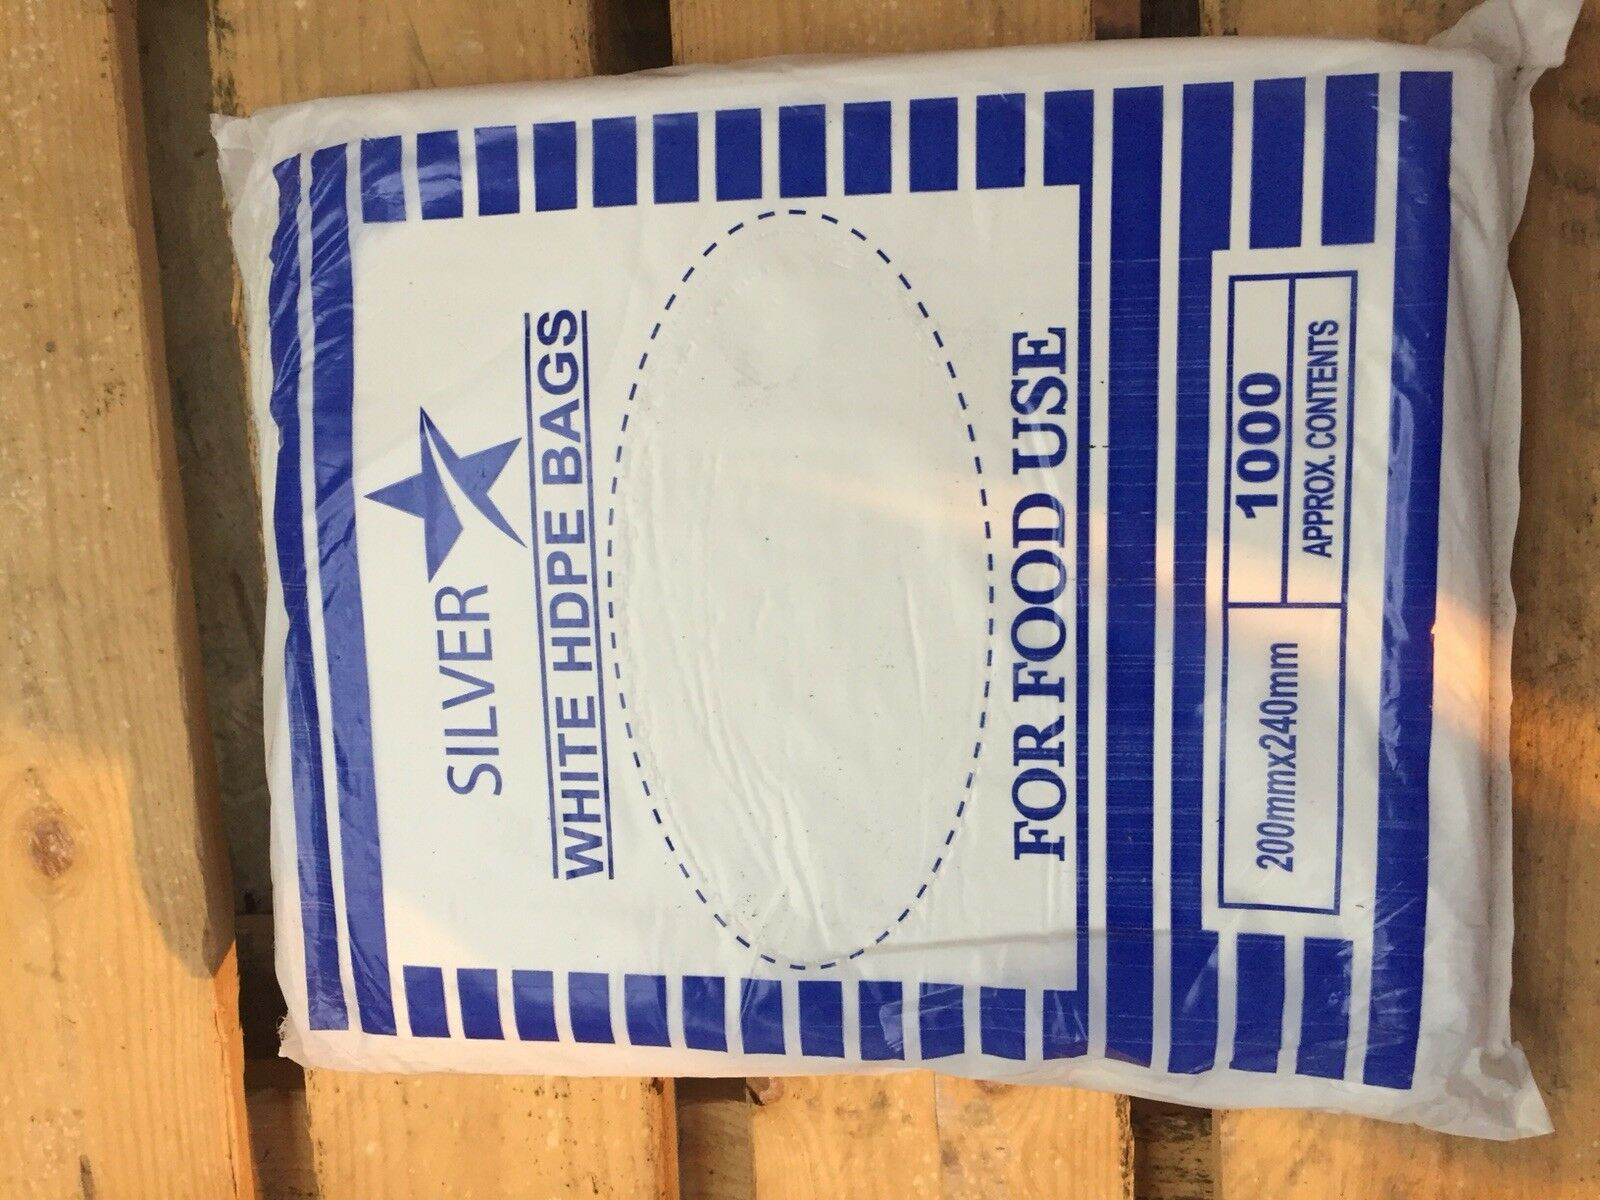 320000 de plástico de HDPE Polietileno Contador de uso alimentario bolsas de 8' X 10 Carnicero prawncracker